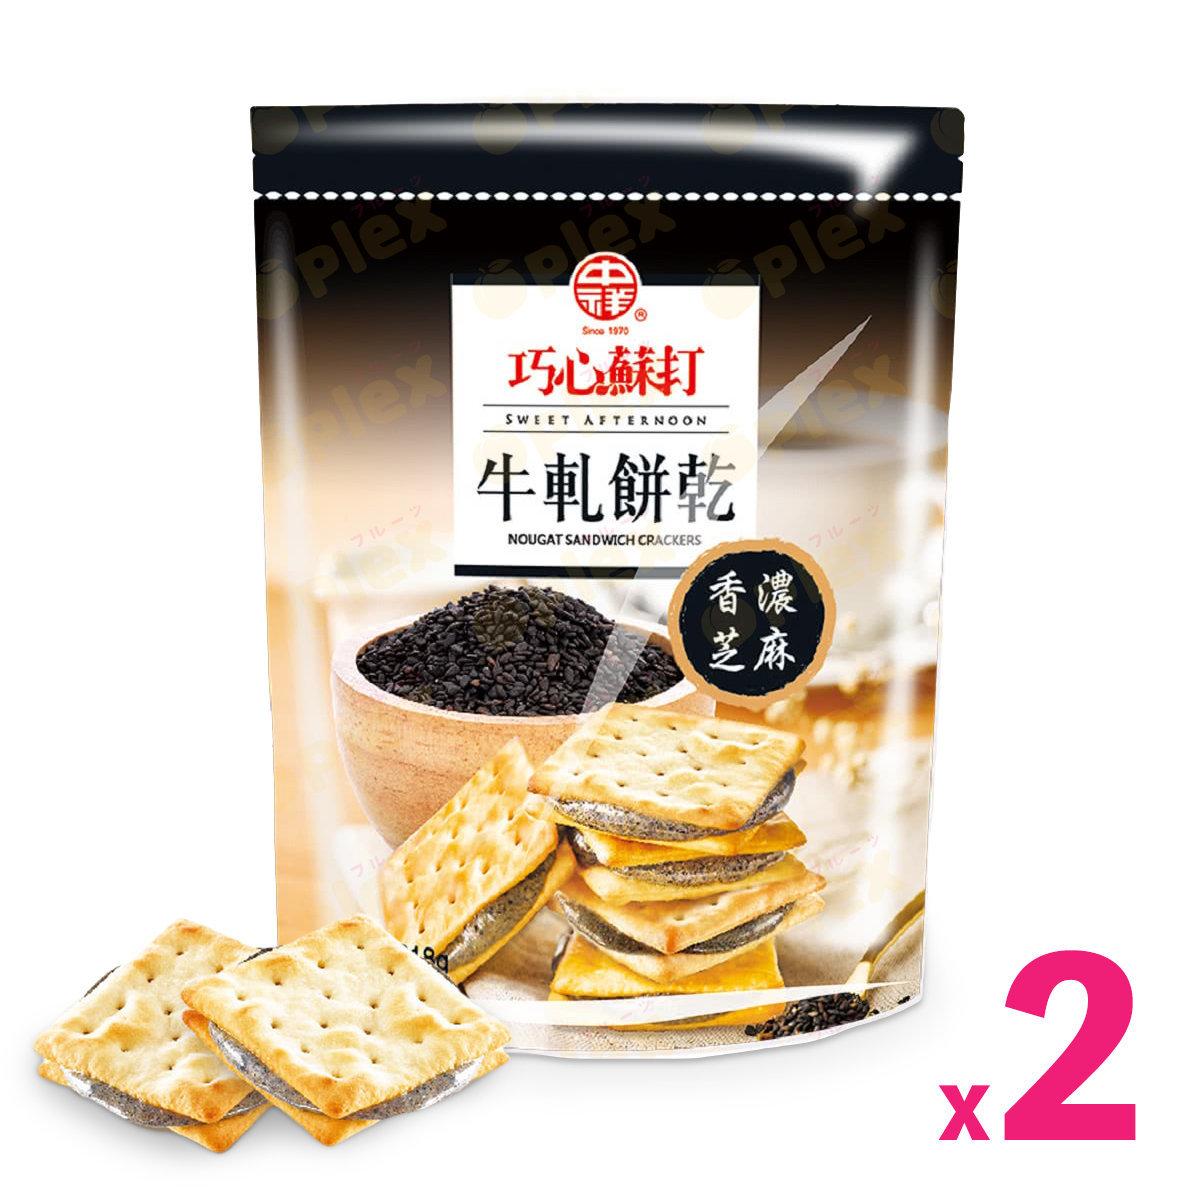 巧心蘇打 - 芝麻牛軋餅乾 10小包 (145g) x 2